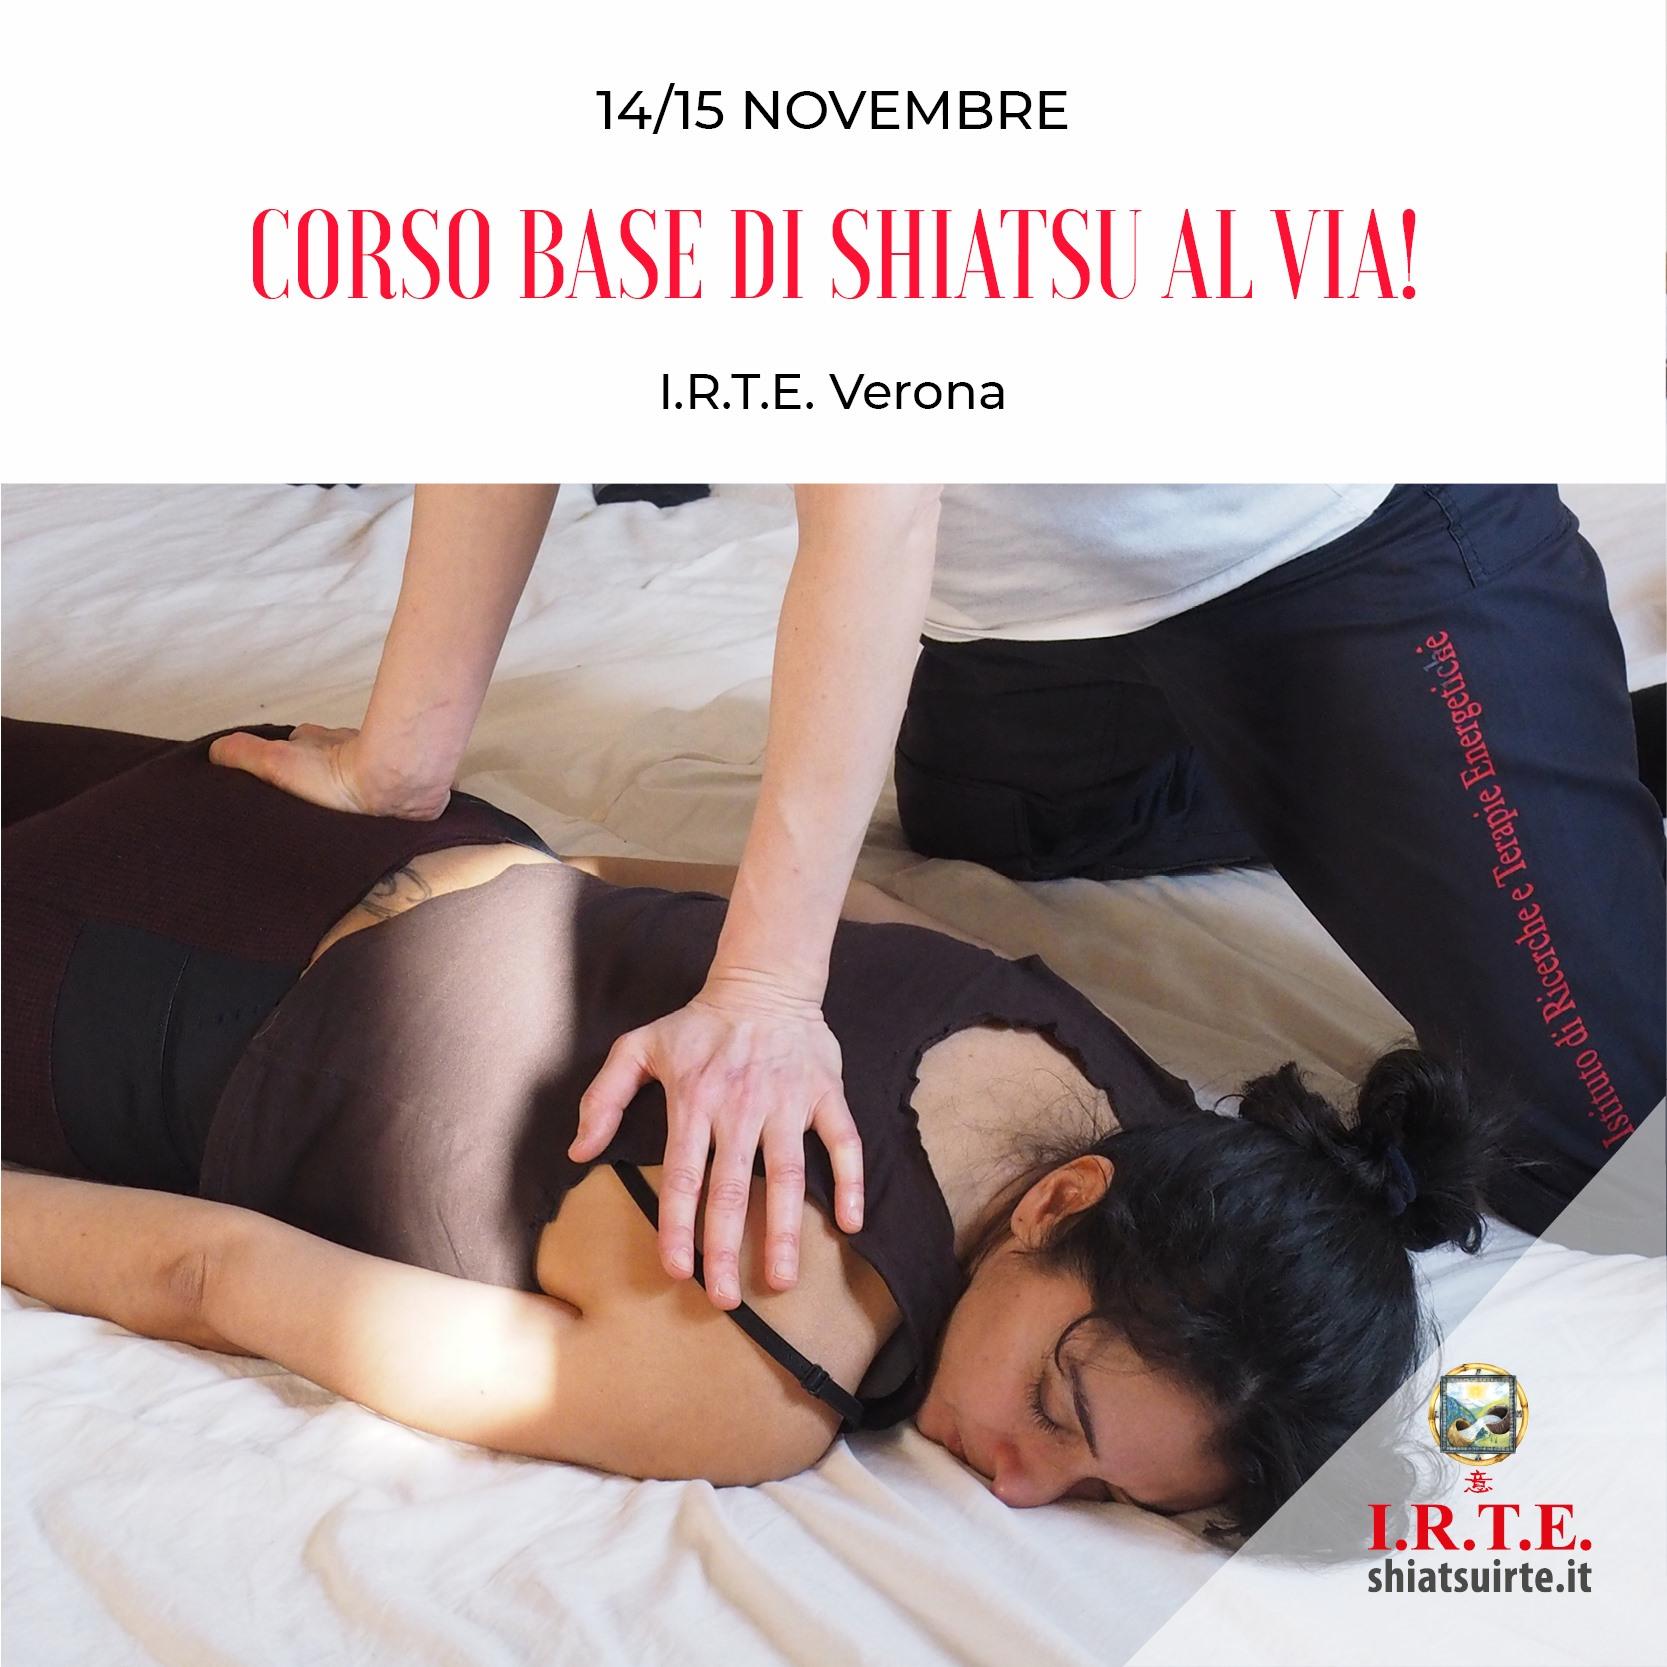 Verona, 14.15 Novembre 2020 Corso Base al via!